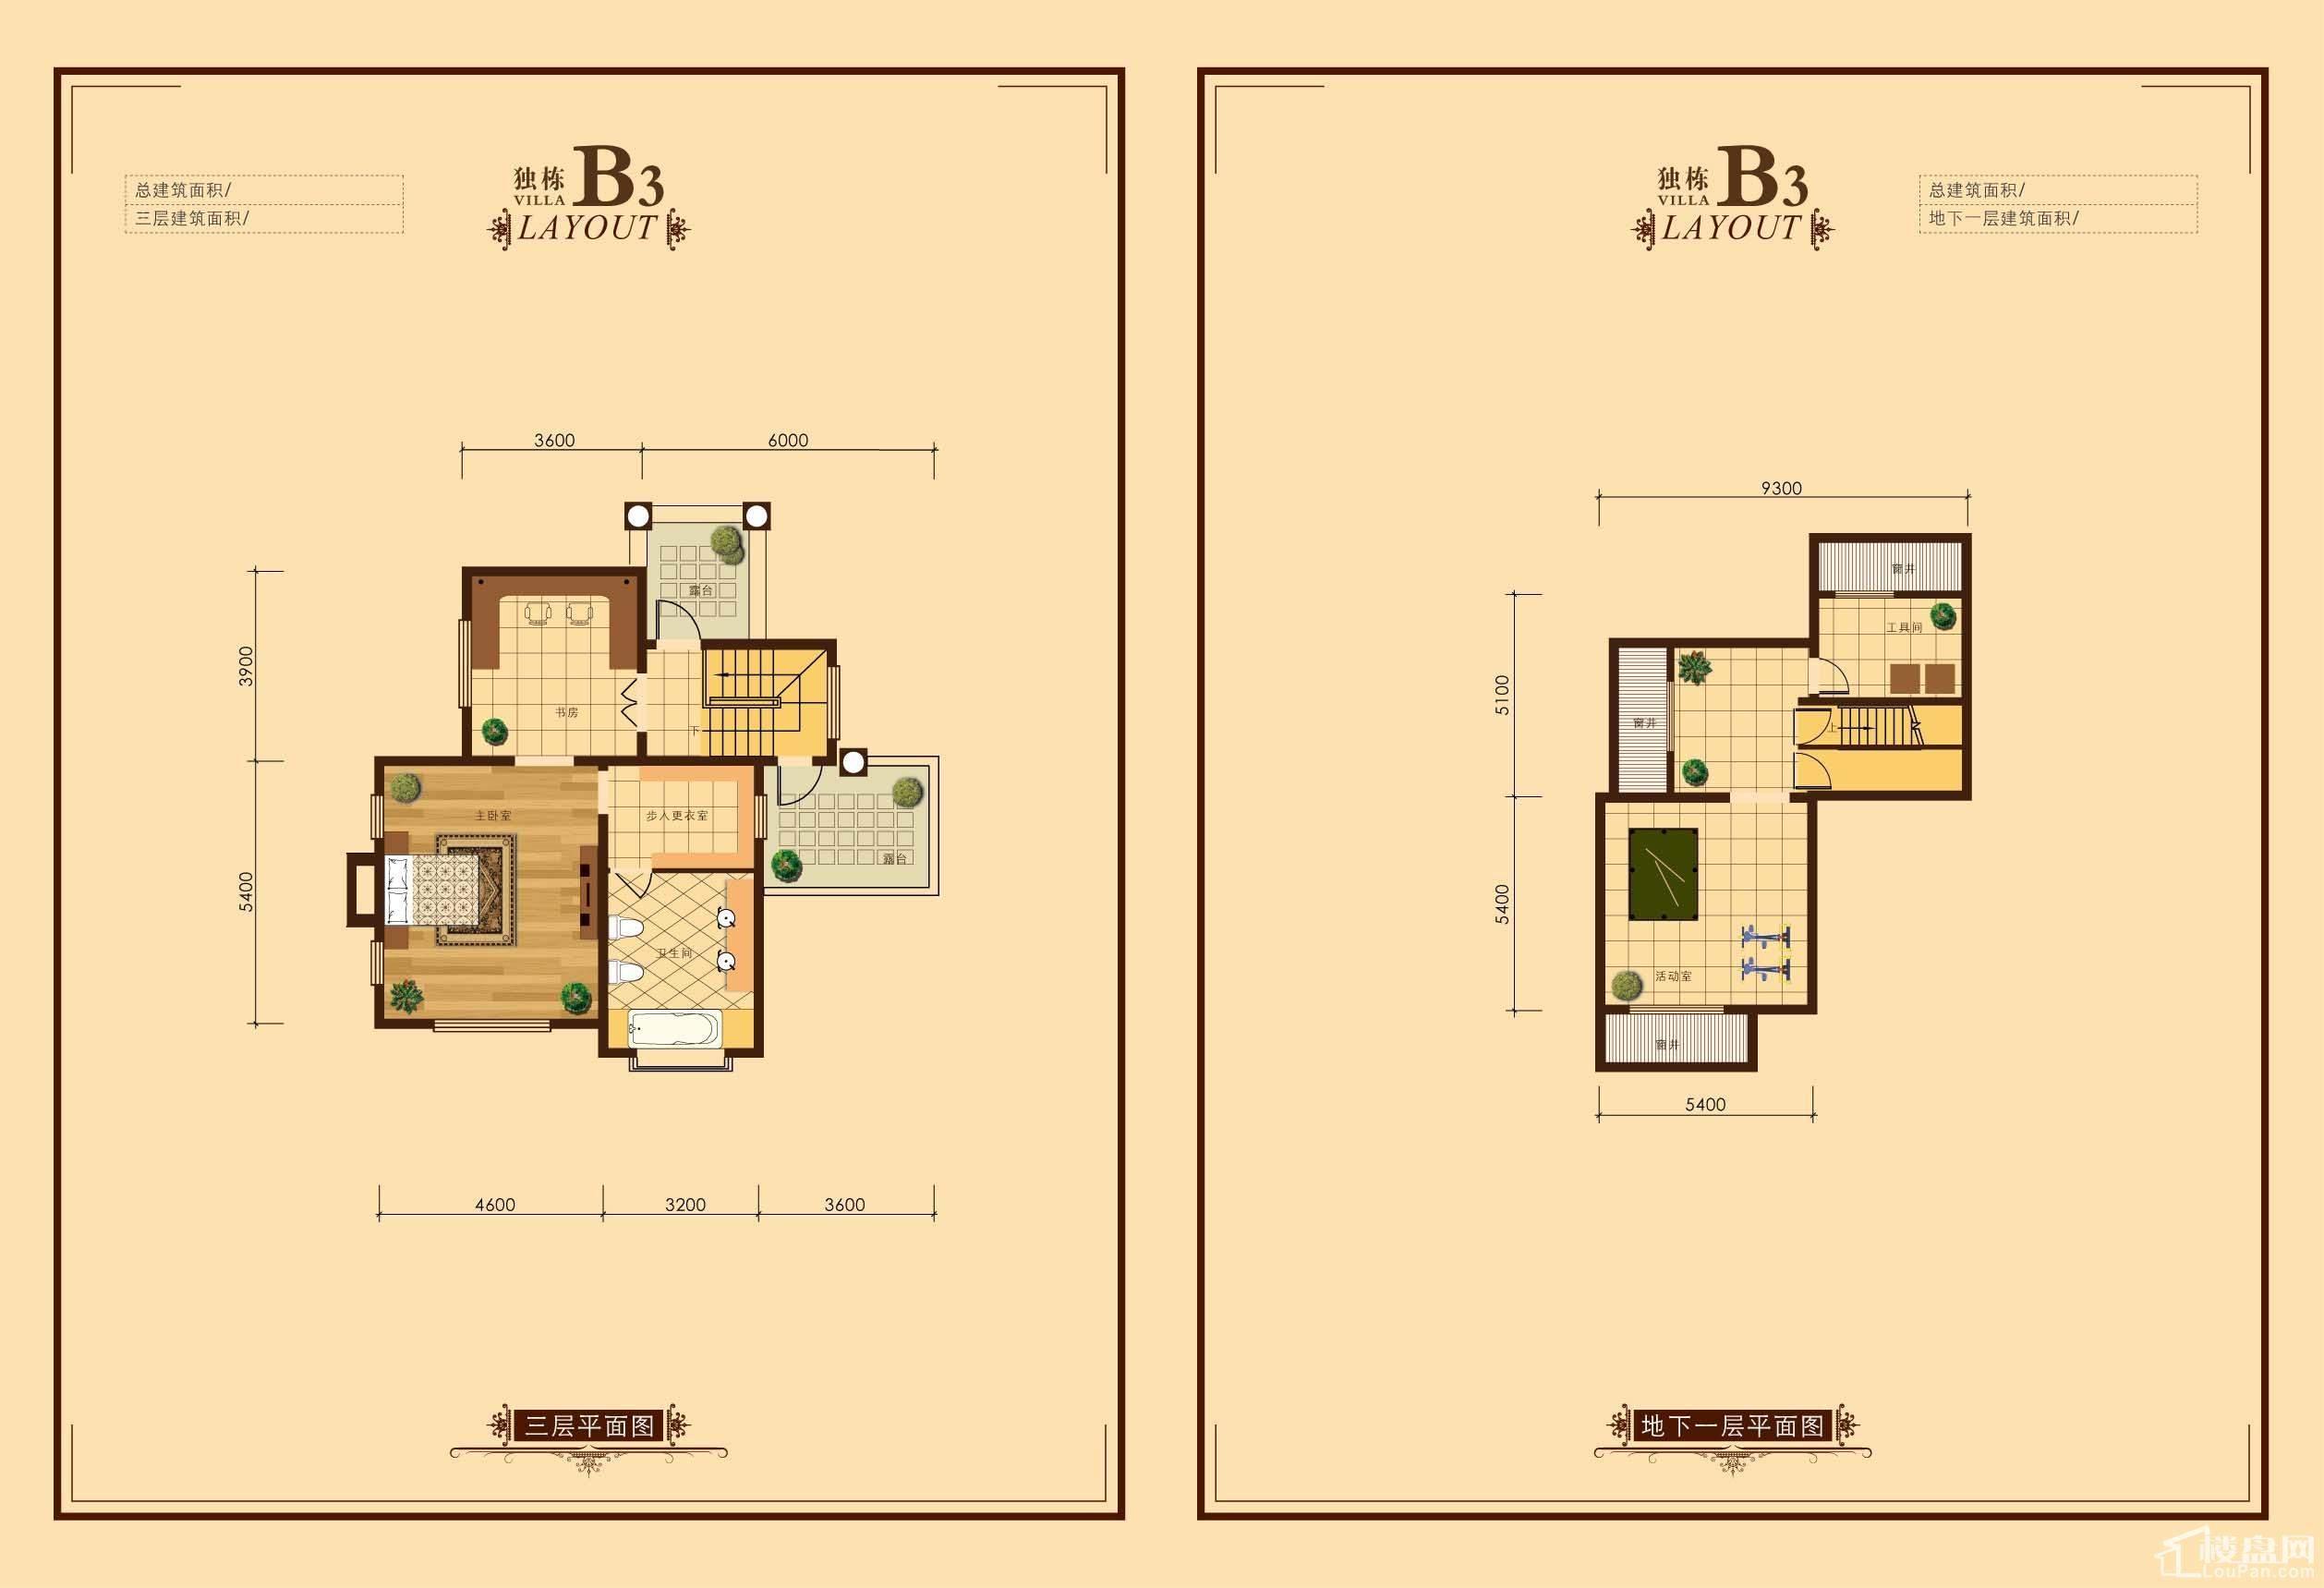 B3-2(独栋)